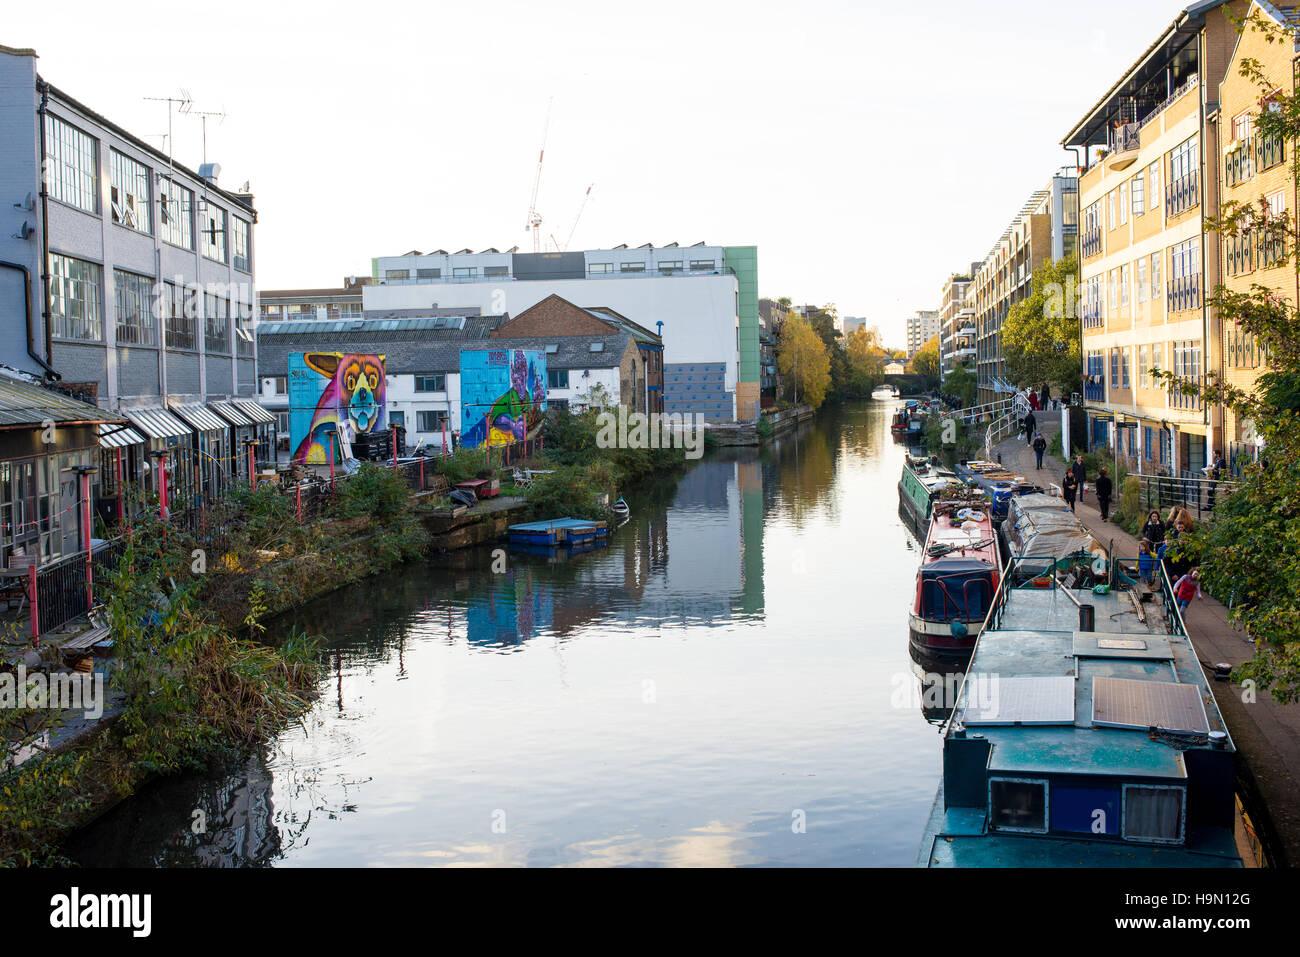 Un tronçon de la Regent's Canal dans Orchard, Hackney bordée de cafés et de spectacles aussi Photo Stock